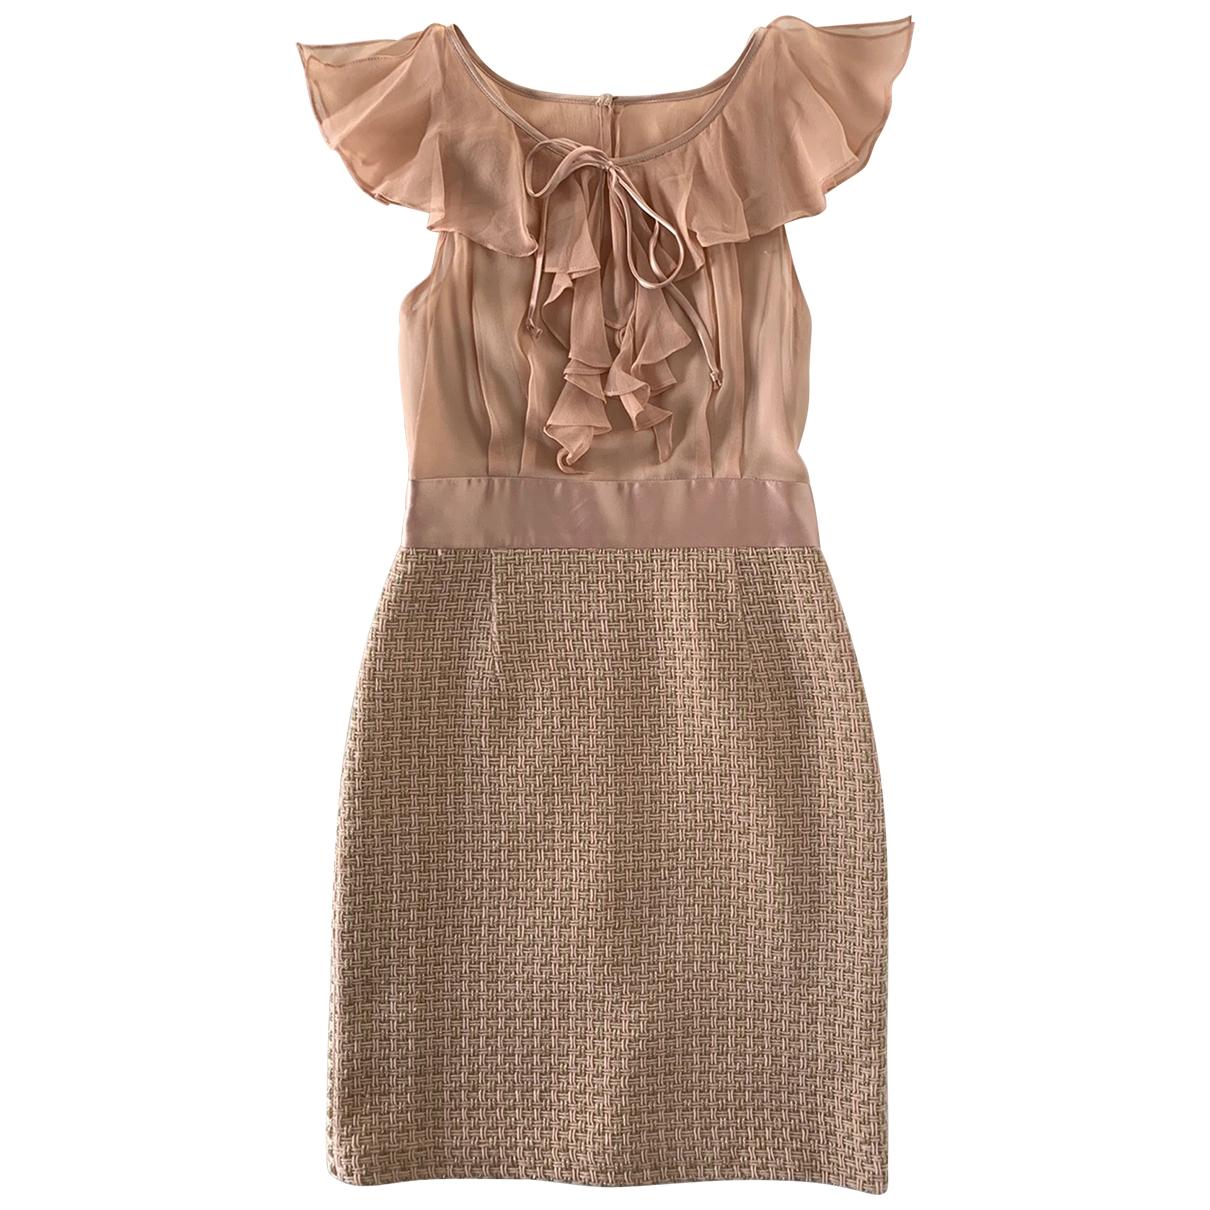 Milly \N Kleid in Wolle